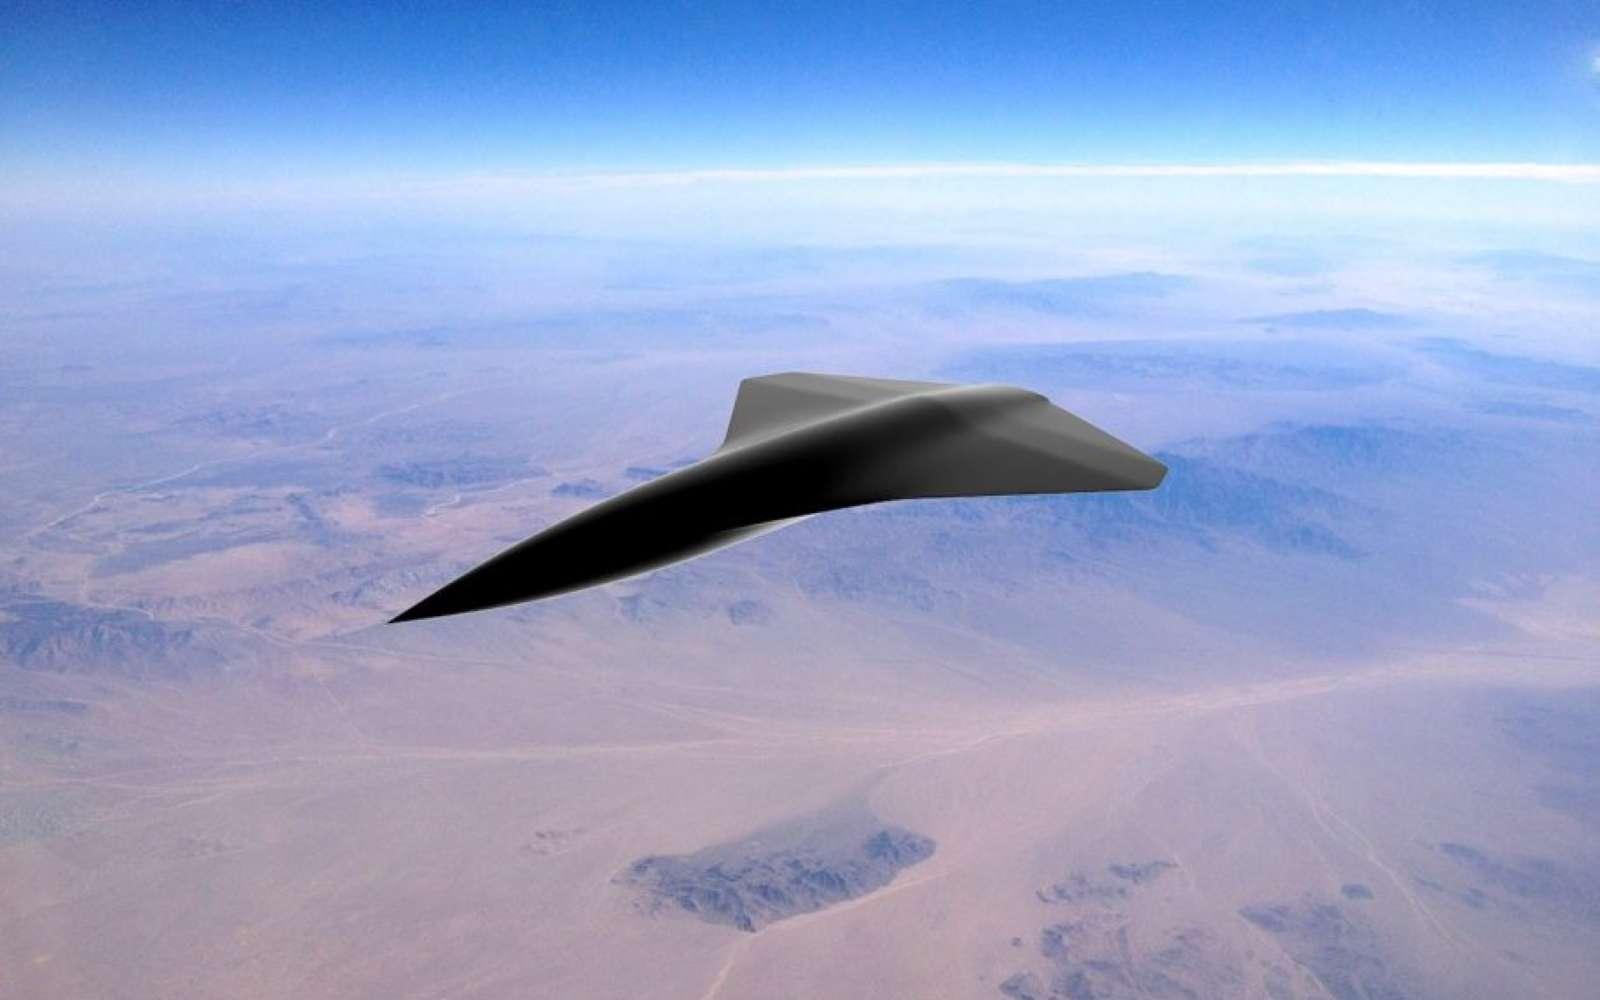 Ce drone de combat sera capable d'atteindre Mach 2,1 - Futura